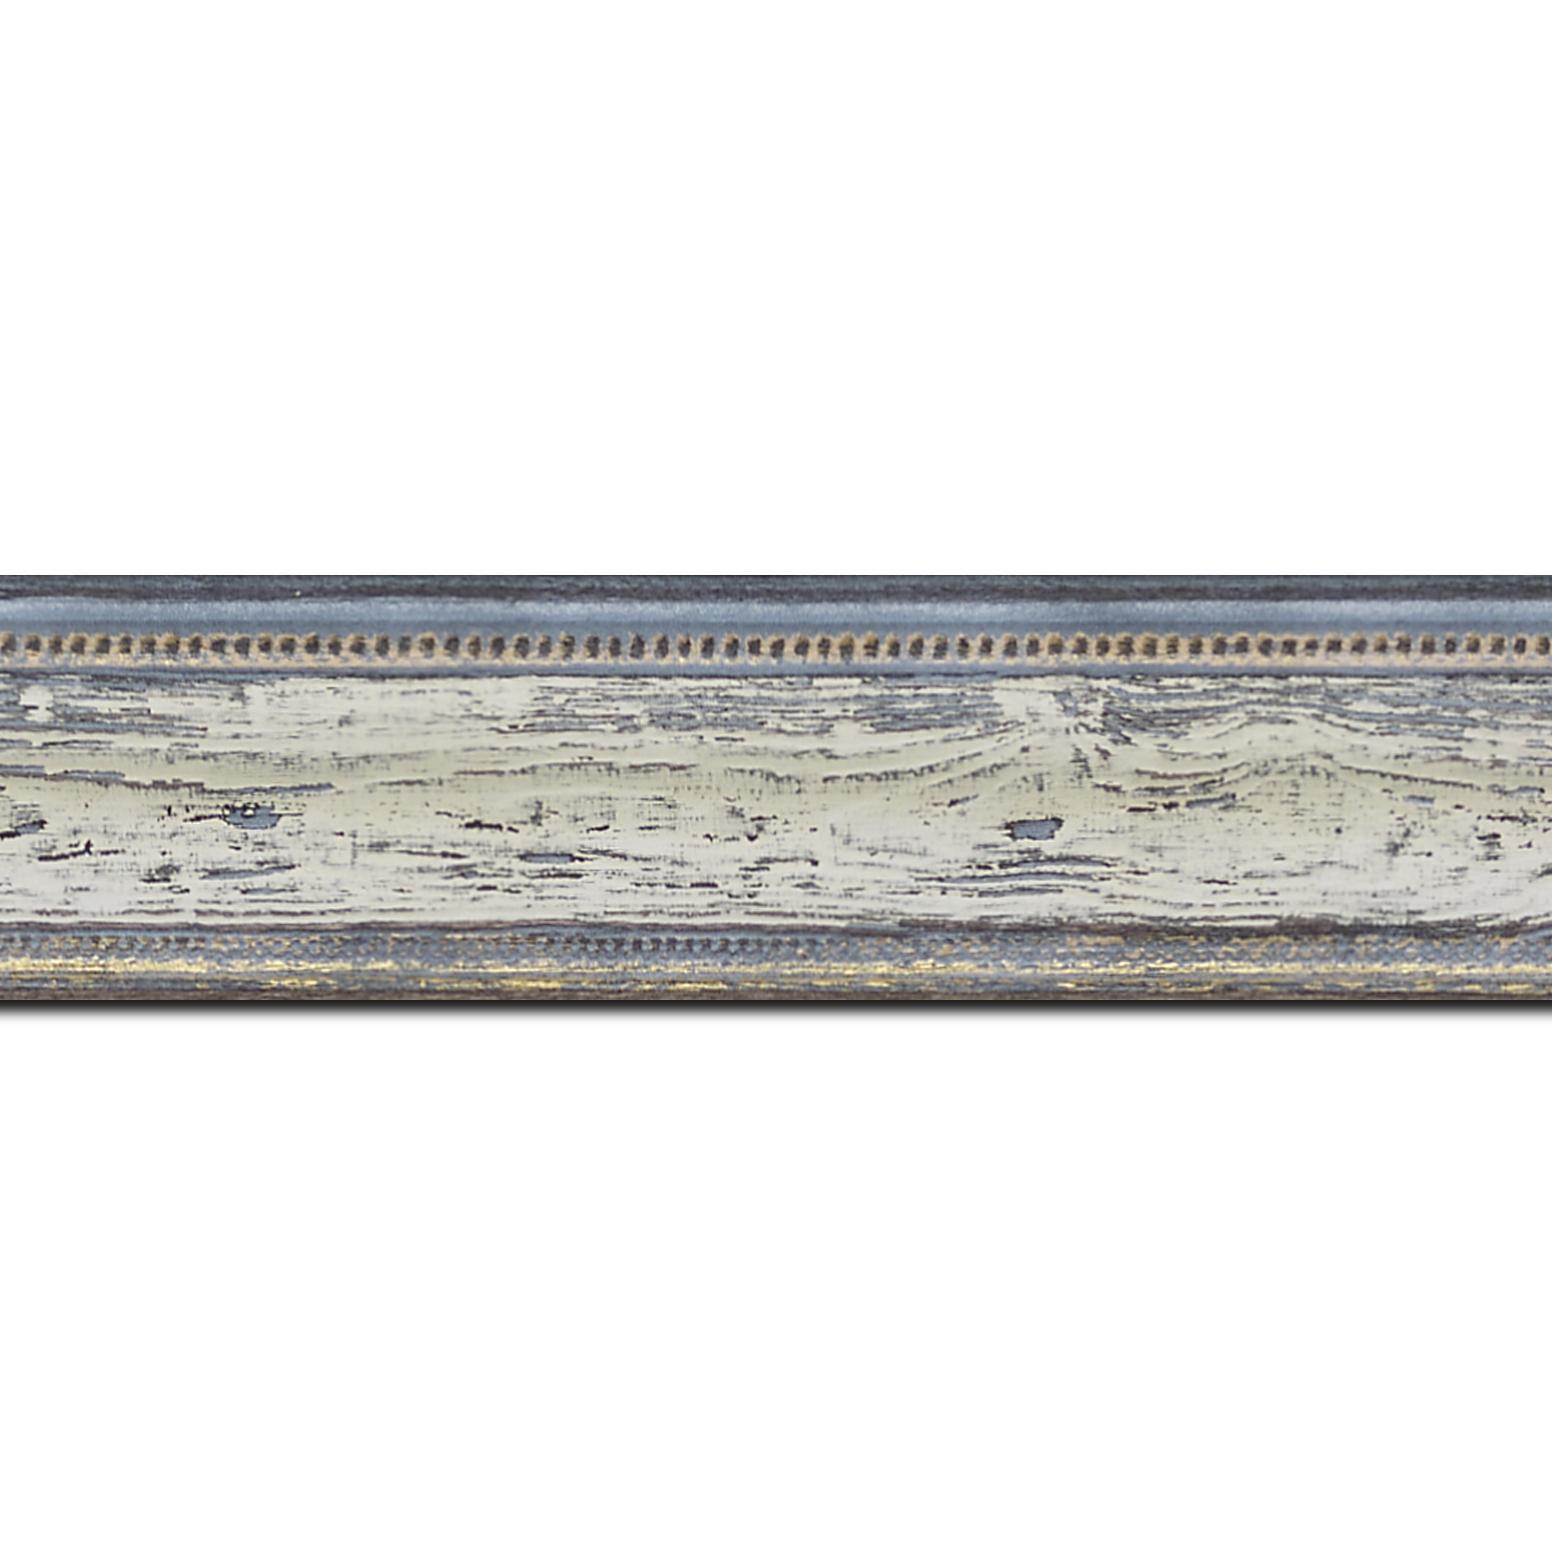 Baguette longueur 1.40m bois incurvé profil incurvé largeur 4.1cm couleur bleu blanchie aspect veiné liseret or